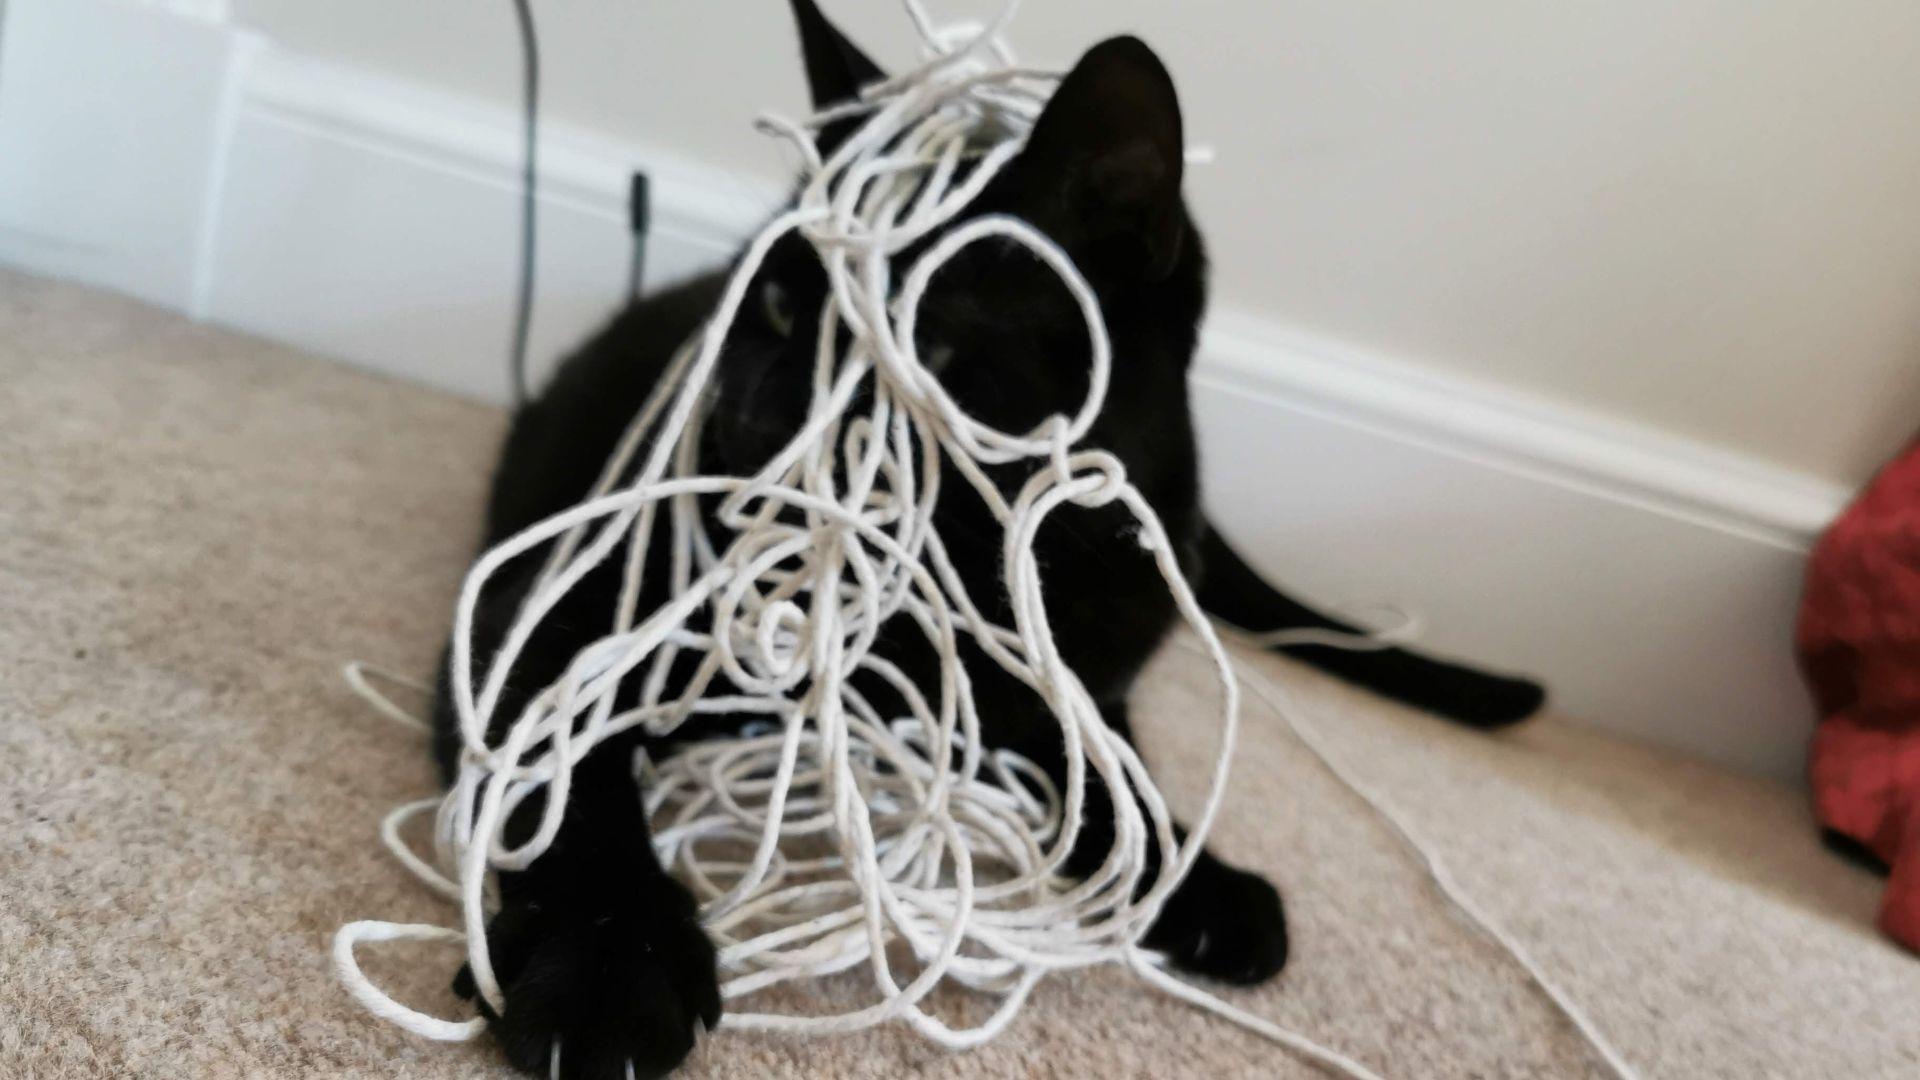 una foto de un gato negro cubierto con una cuerda, que representa cables que se enredan durante una sesión de juegos de realidad virtual.  Su nombre es Layla, y ella es la mejor de todos los gatos.